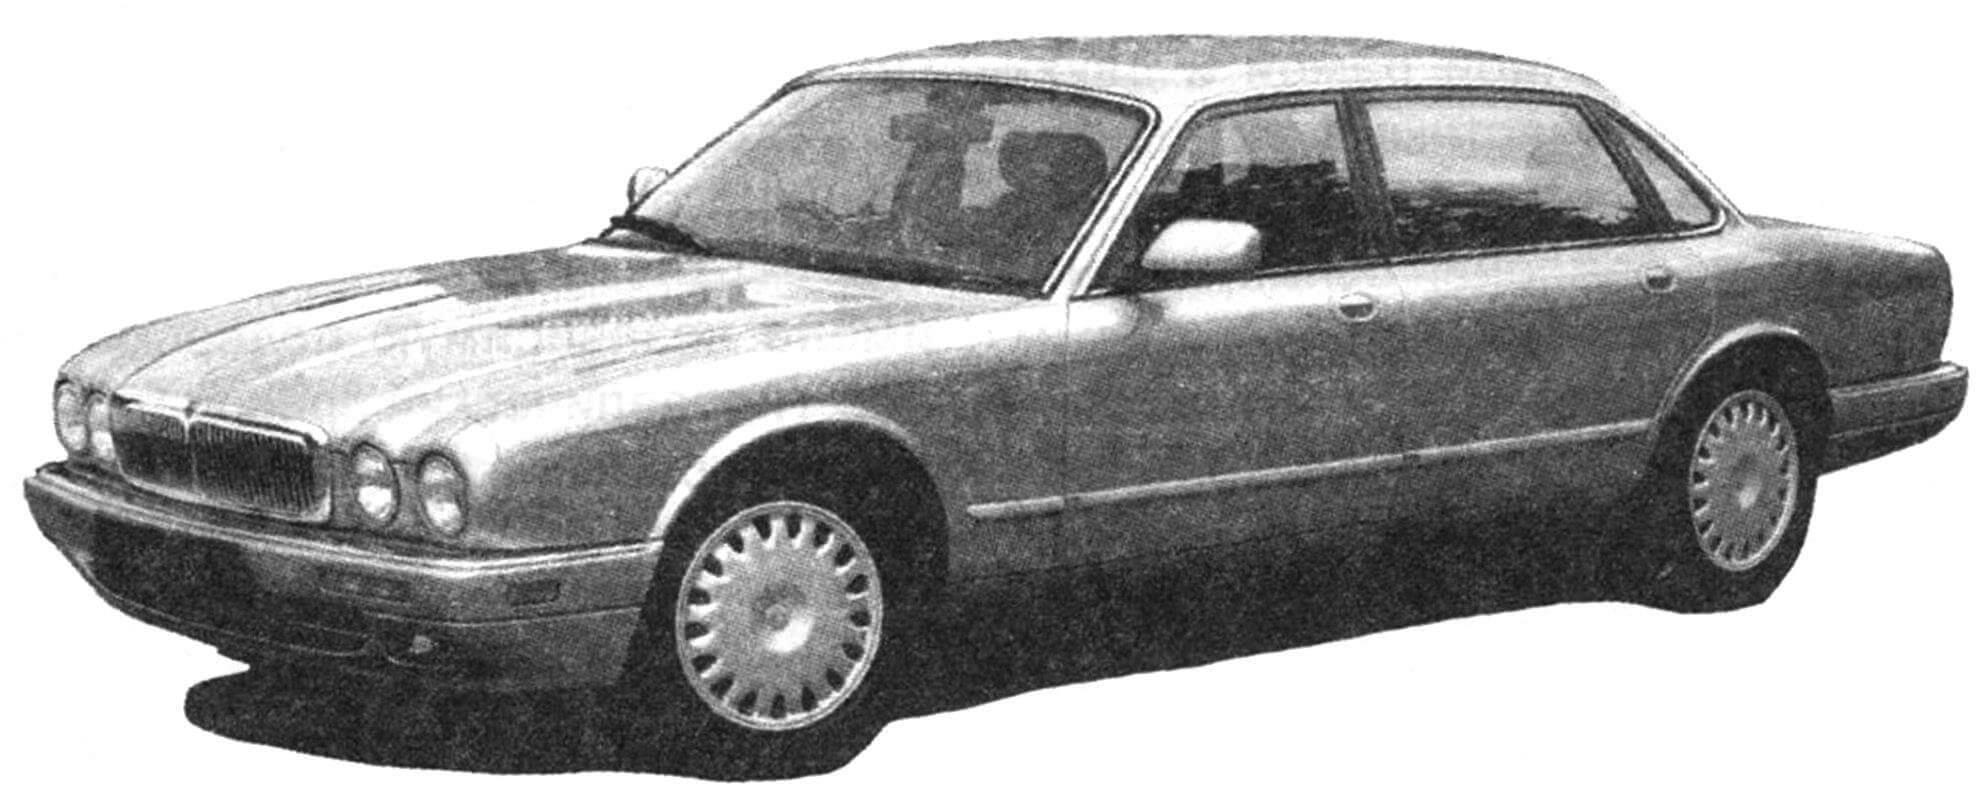 Автомобиль Jaguar XJ 8 1998 года